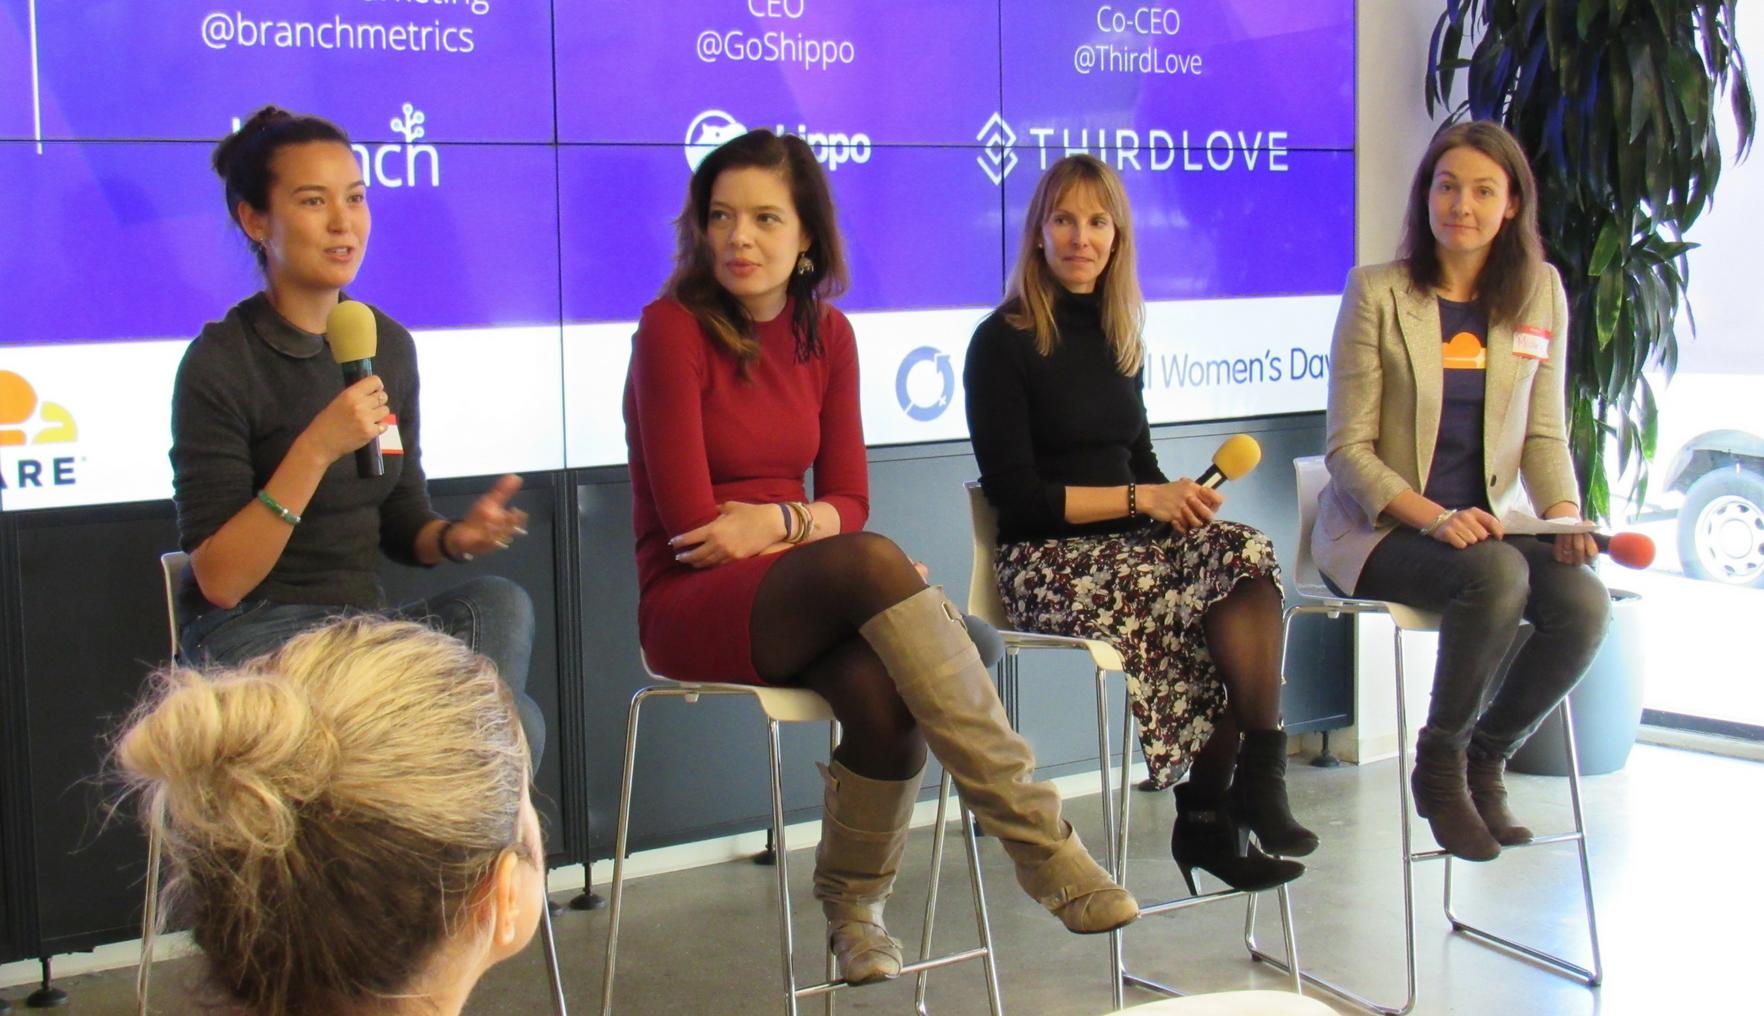 Startup founders Laura Behrens-Wu, Mada Seghete, Heidi Zak, and Michelle Zatlyn